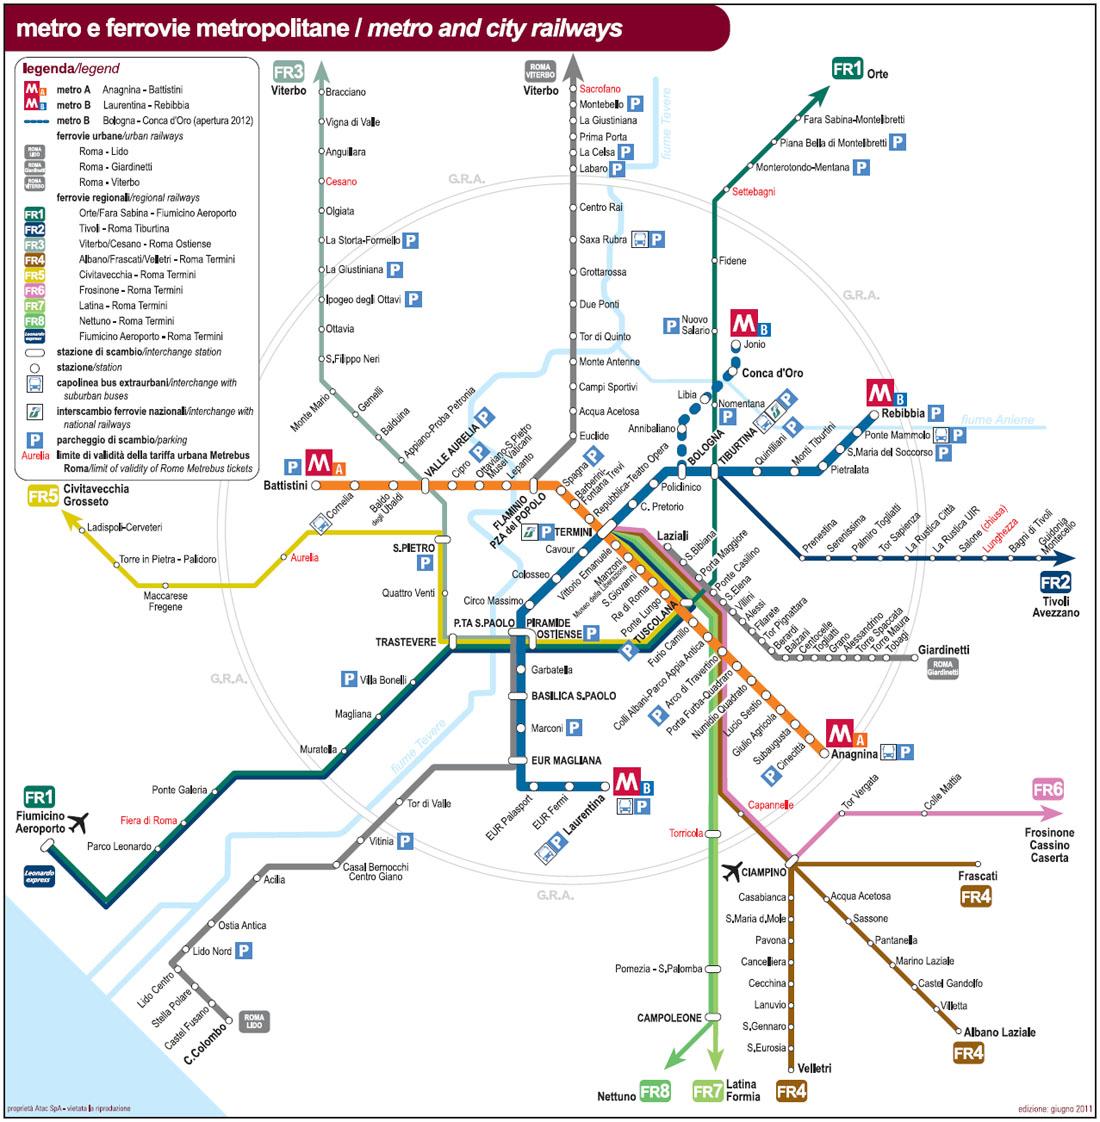 Plánek tras římského metra